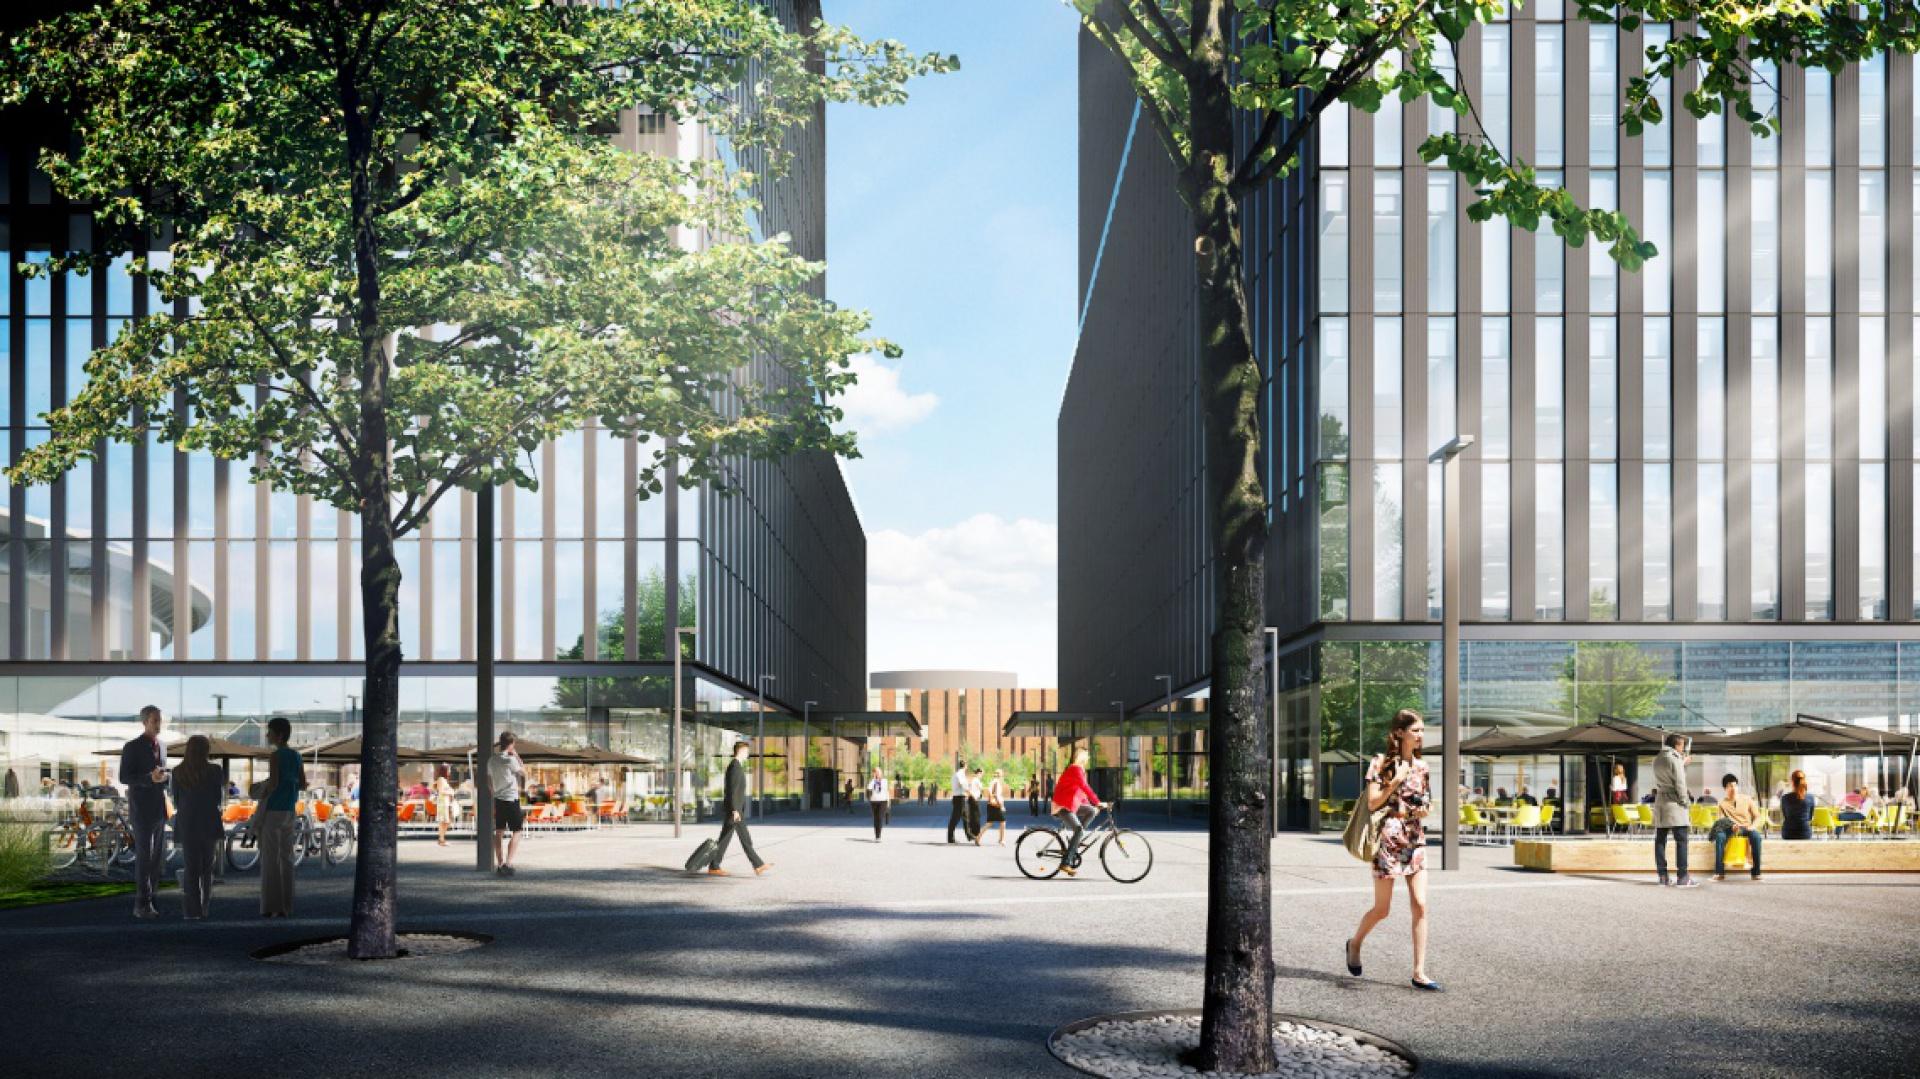 Zlokalizowany w centrum Katowic i 2-milionowego obszaru metropolitalnego, tuż obok Spodka i Międzynarodowego Centrum Kongresowego, pierwszy z budynków prestiżowego kompleksu biurowego .KTW, ma być gotowy w połowie 2018 roku.